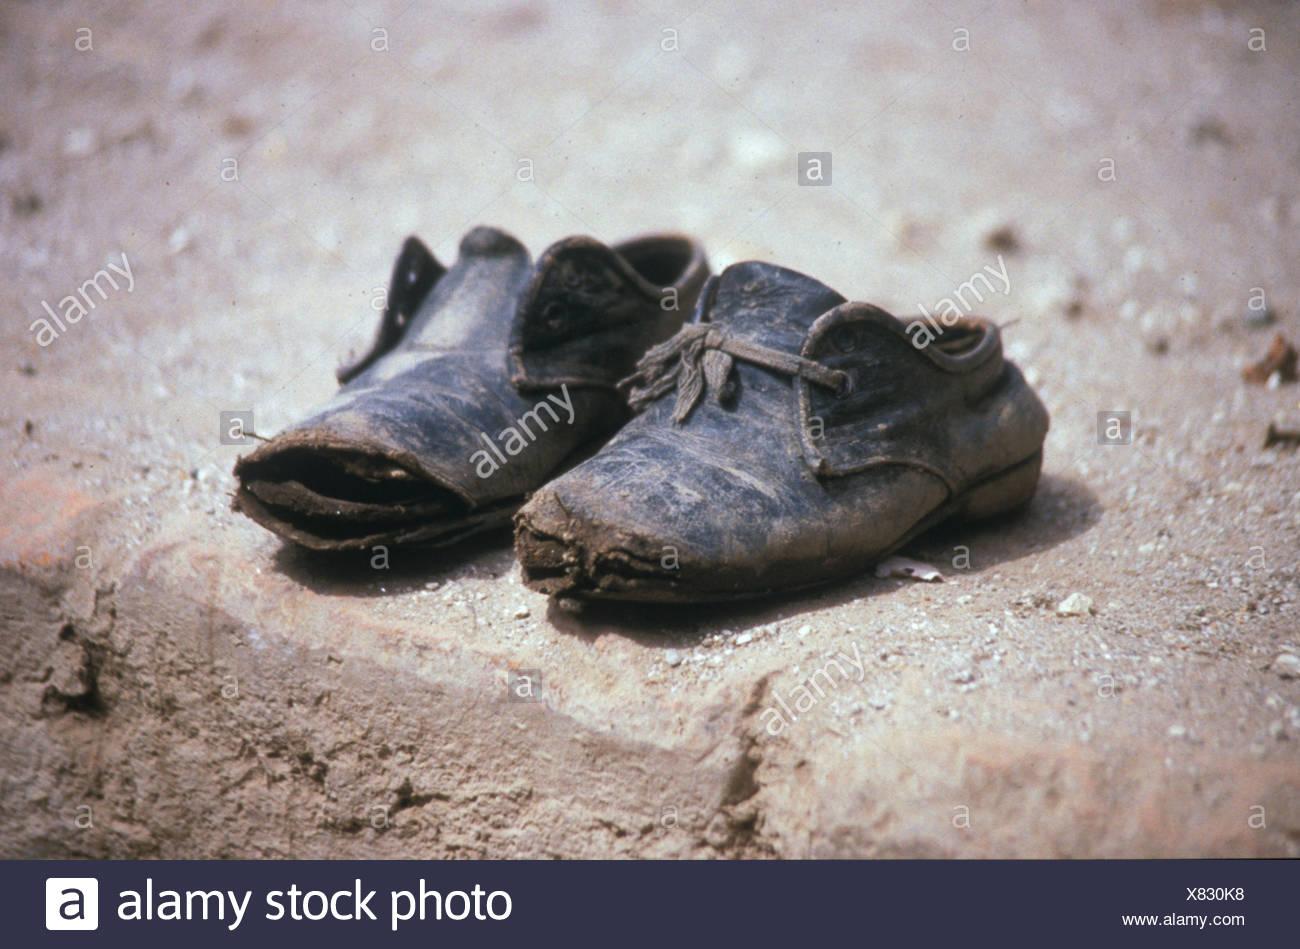 fc35e08d Los zapatos rotos en la playa Foto & Imagen De Stock: 280349532 - Alamy